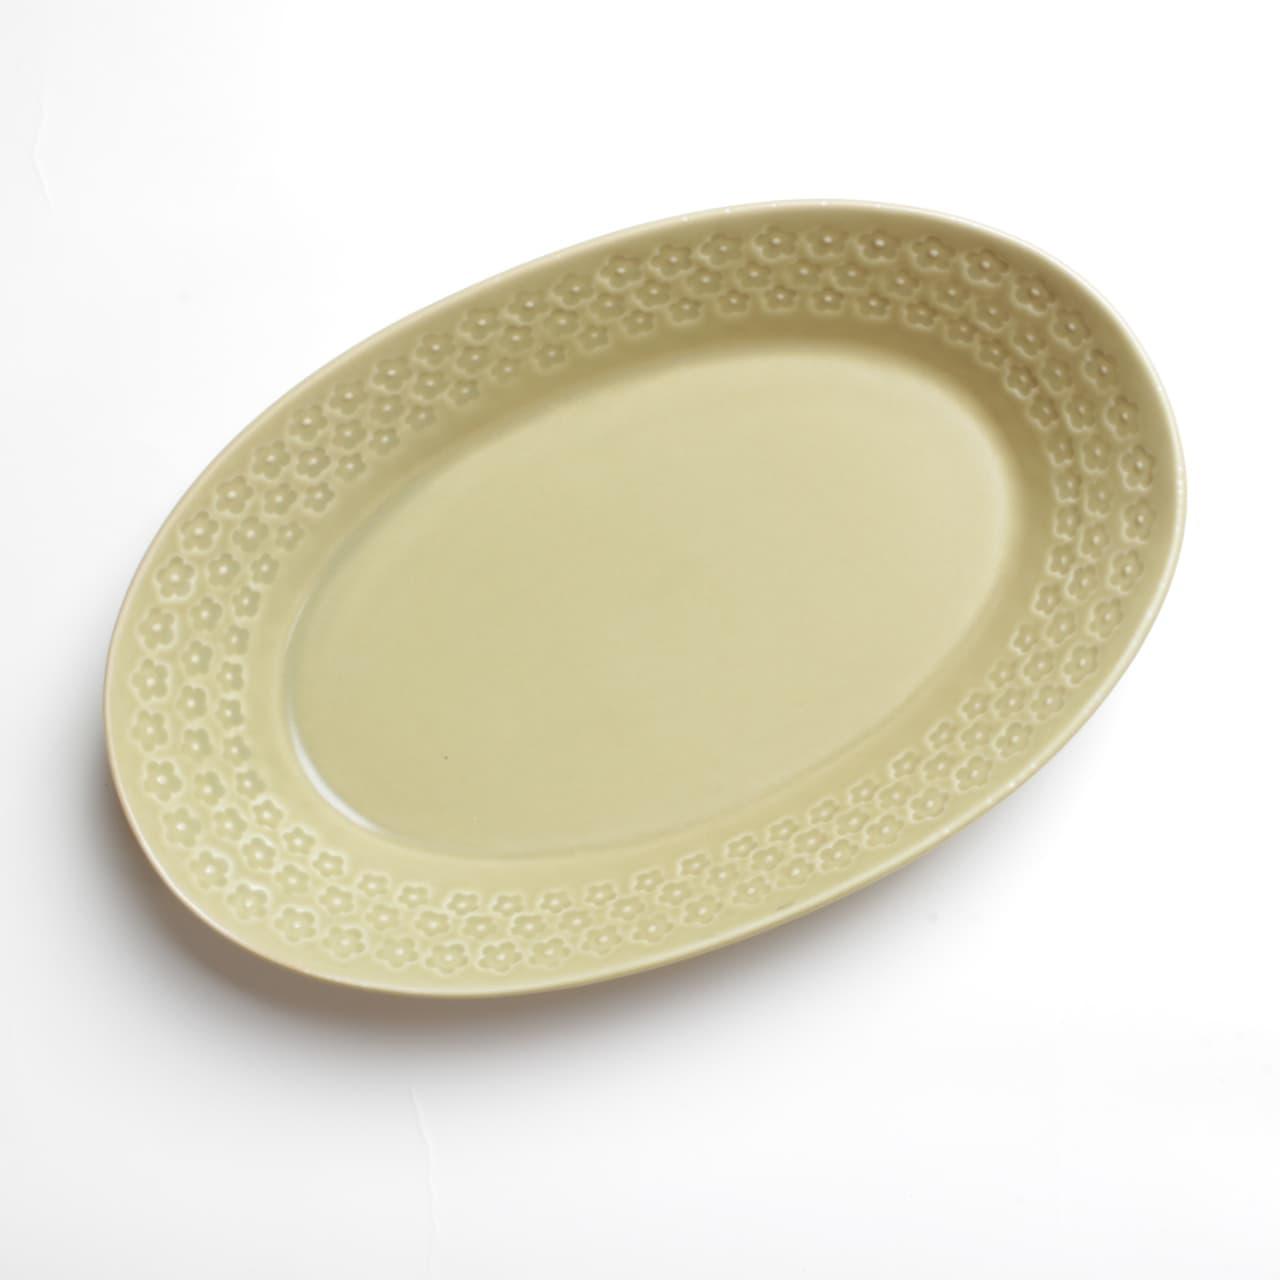 茶マット 印花型 楕円鉢